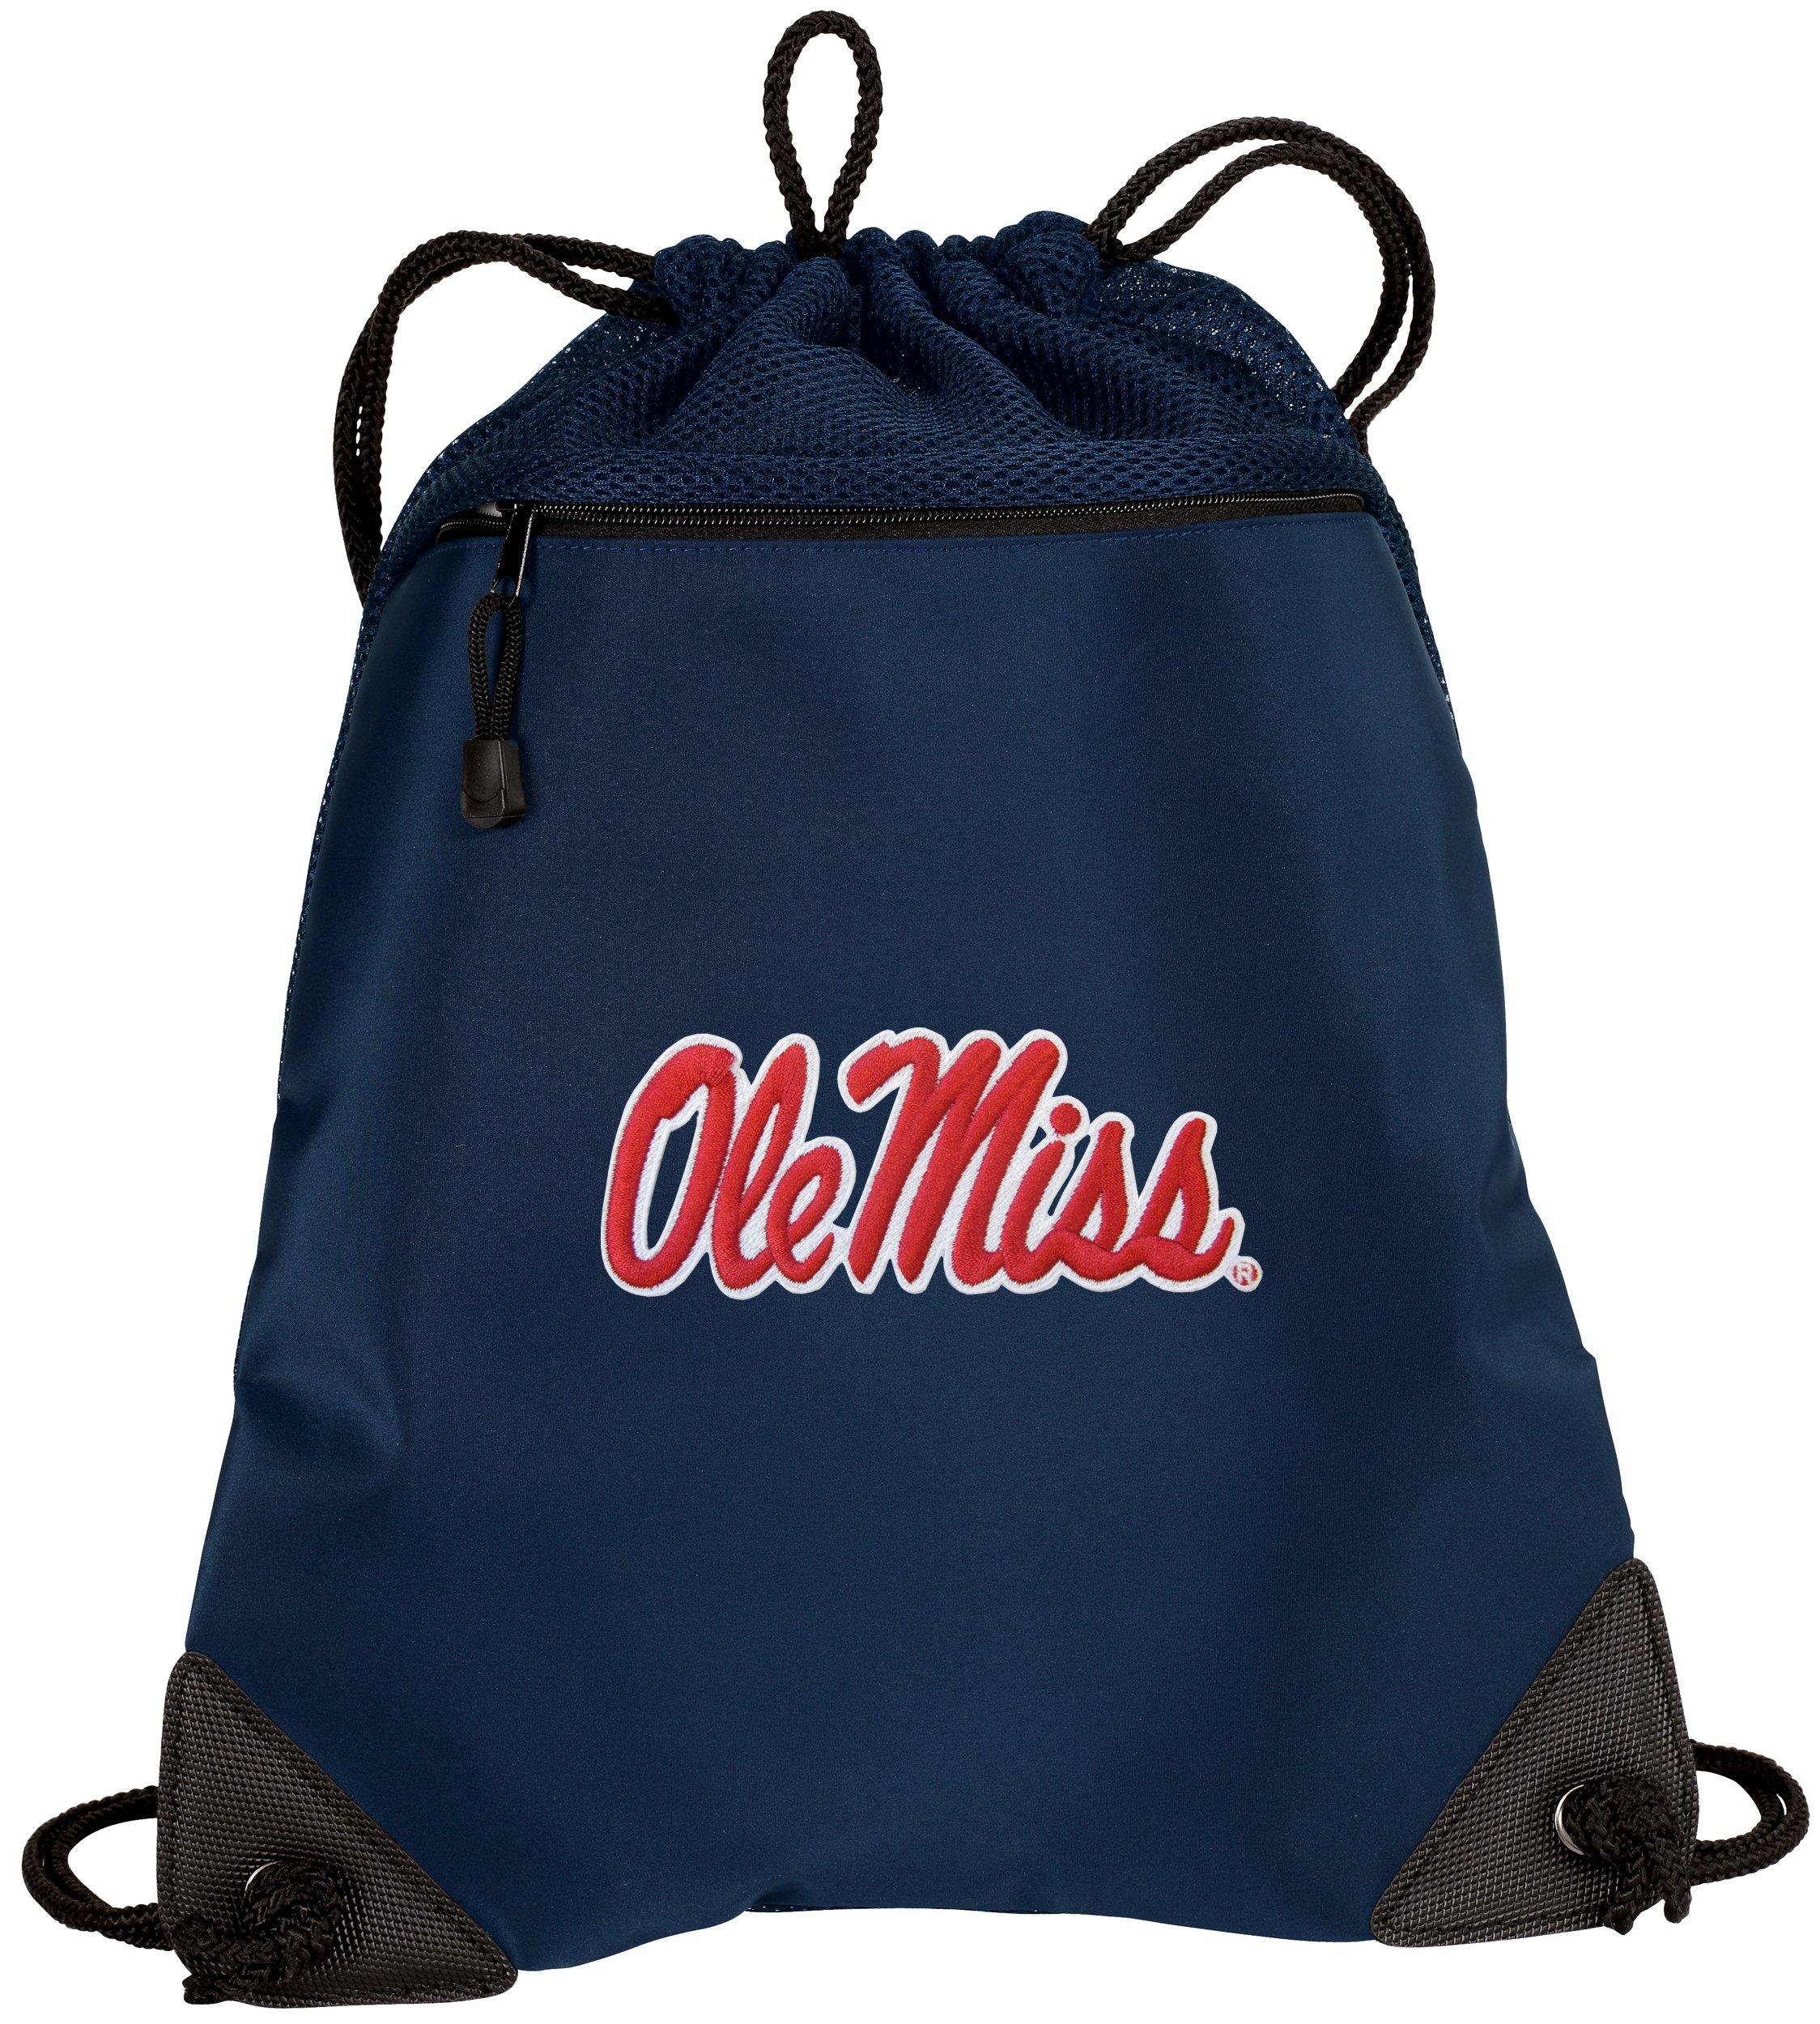 Broad Bay University of Mississippi Drawstring Backpack Ole Miss Cinch Bag - UNIQUE MESH & MICROFIBER